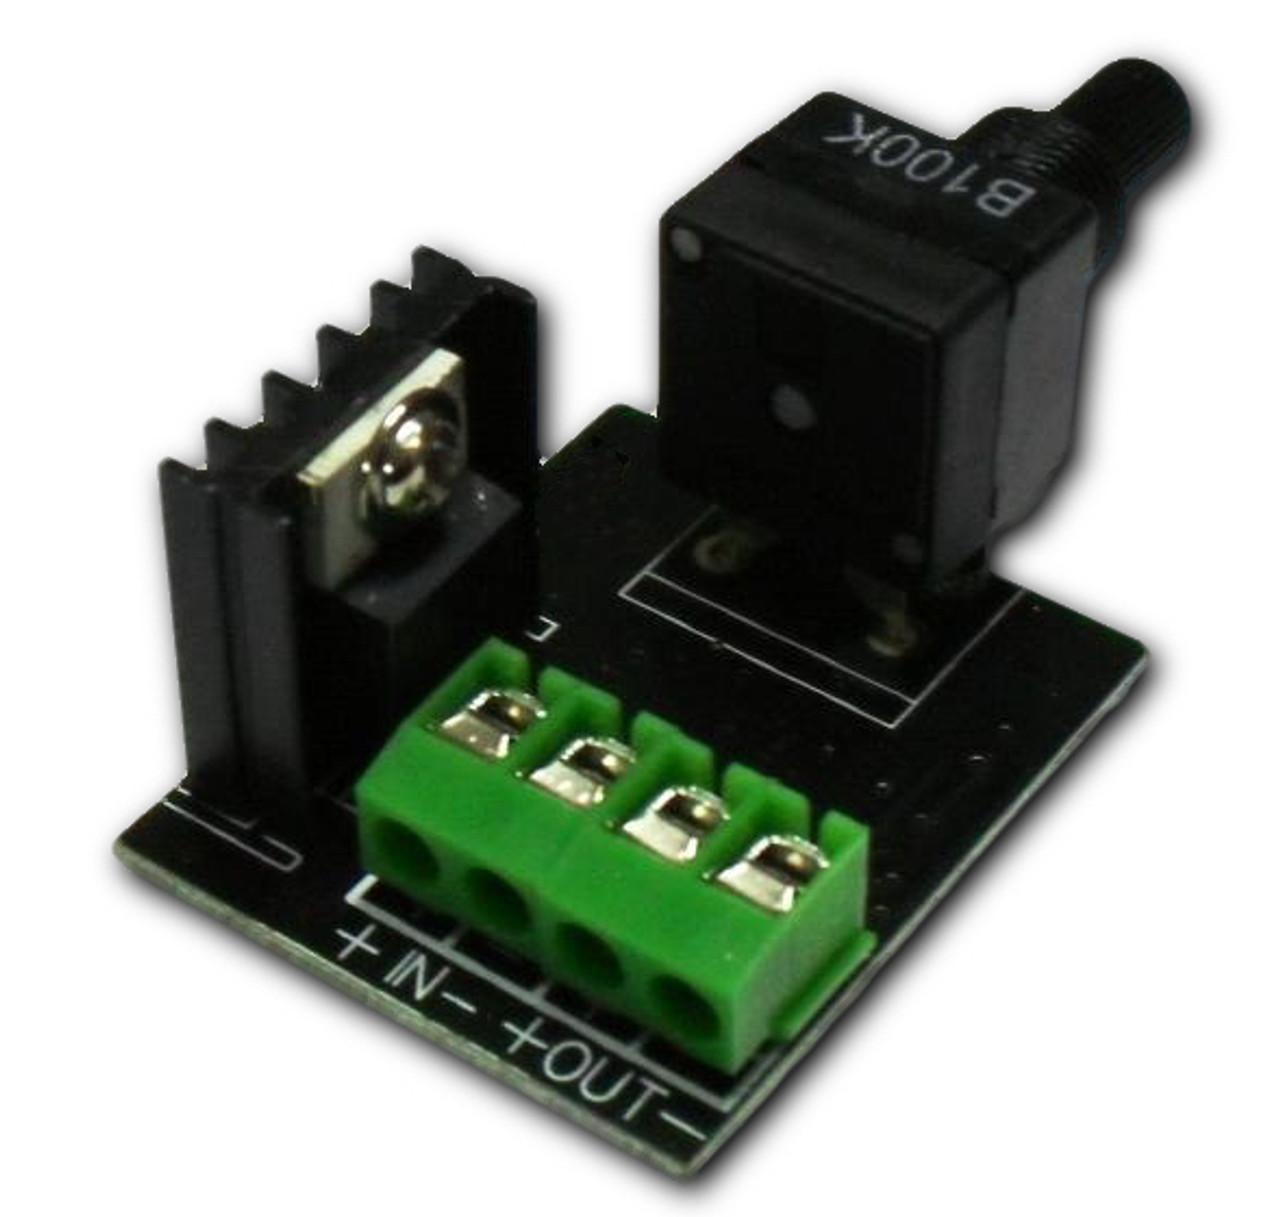 12VDC Rotary PWM LED Dimmer (DM-RT-72)